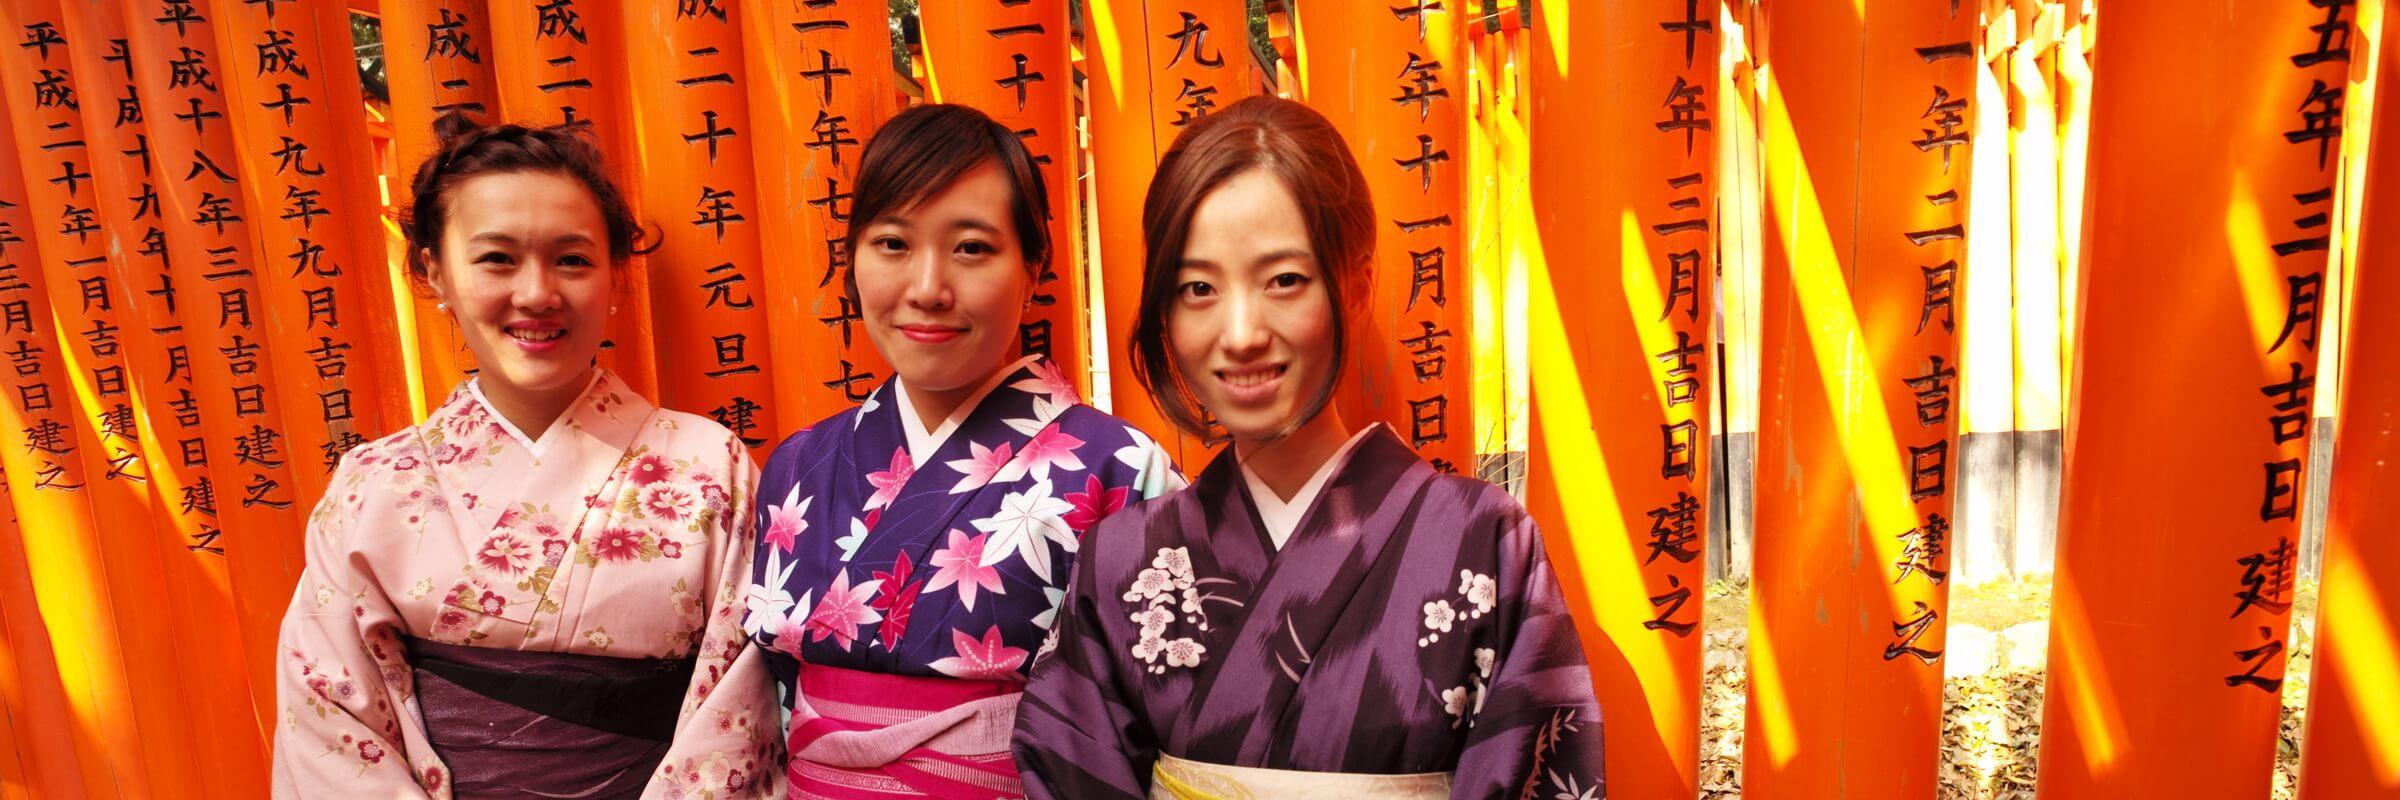 In Japan stehen Traditionsverehrung und Exotik in einem vitalen Spannungsverhältnis zum modernen Lebensstil.